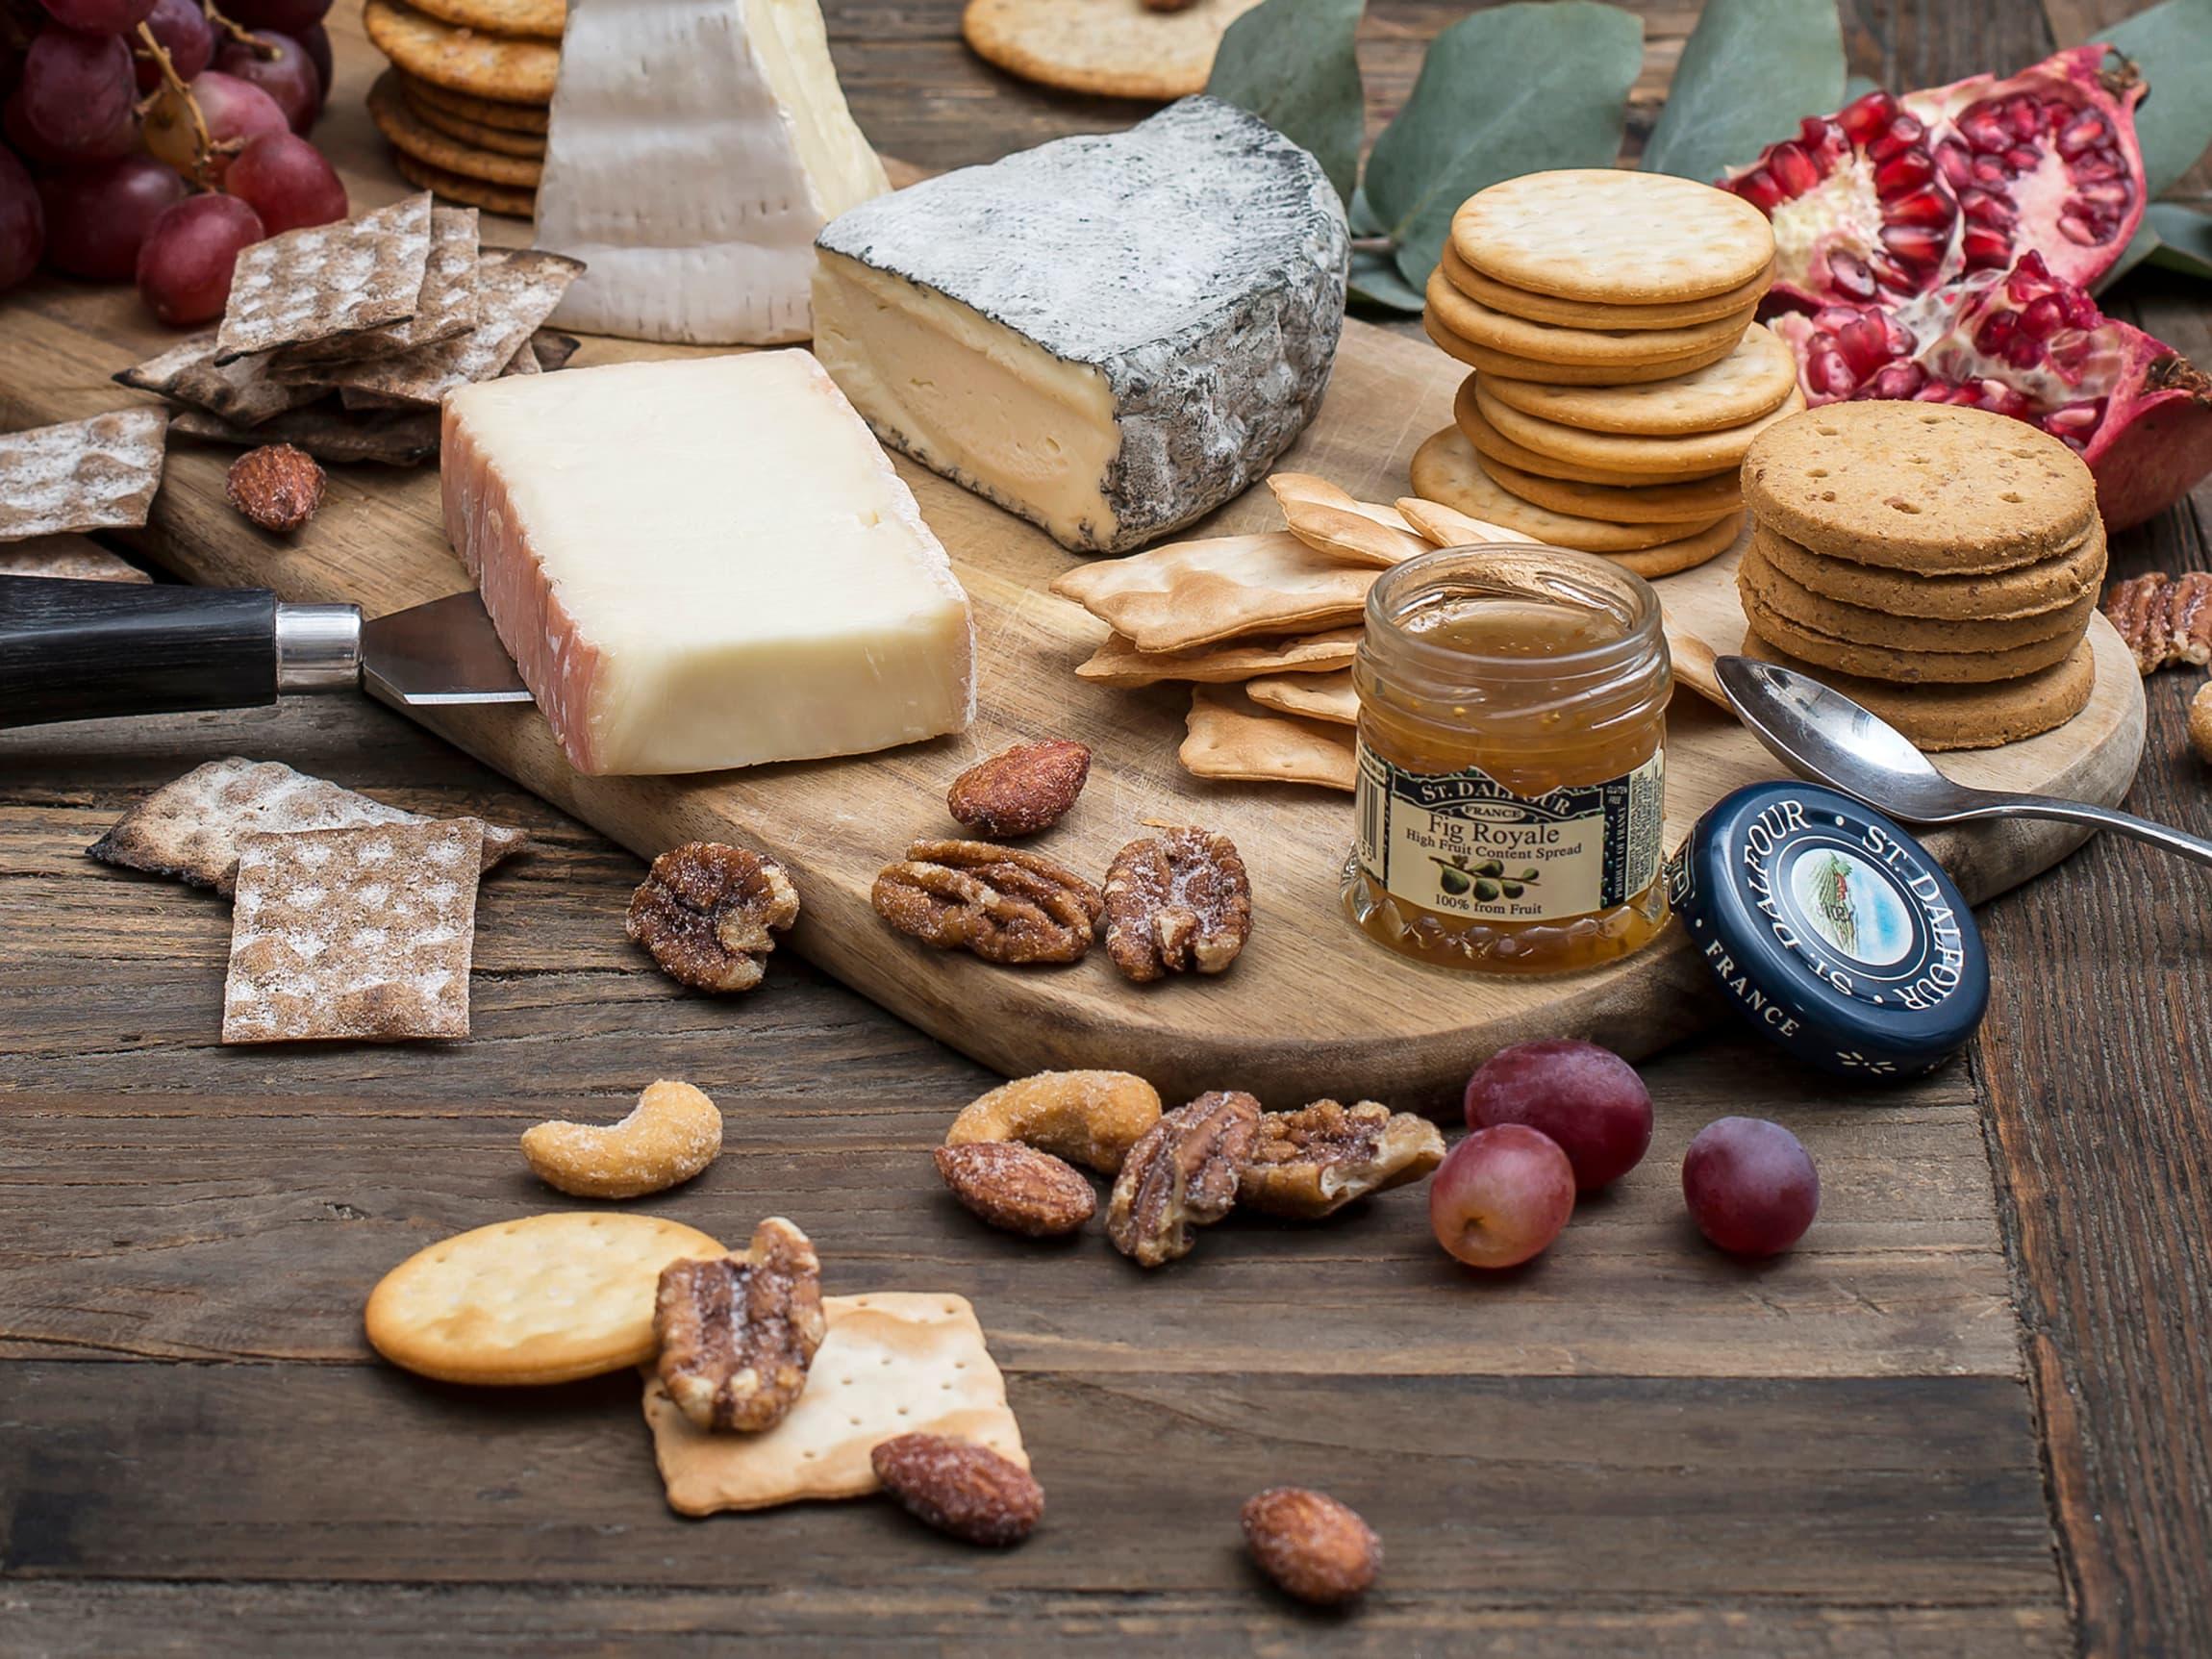 Det finnes mange spennende kjeks som passer til ost. Prøv deg fram, kanskje du finner en ny favoritt?